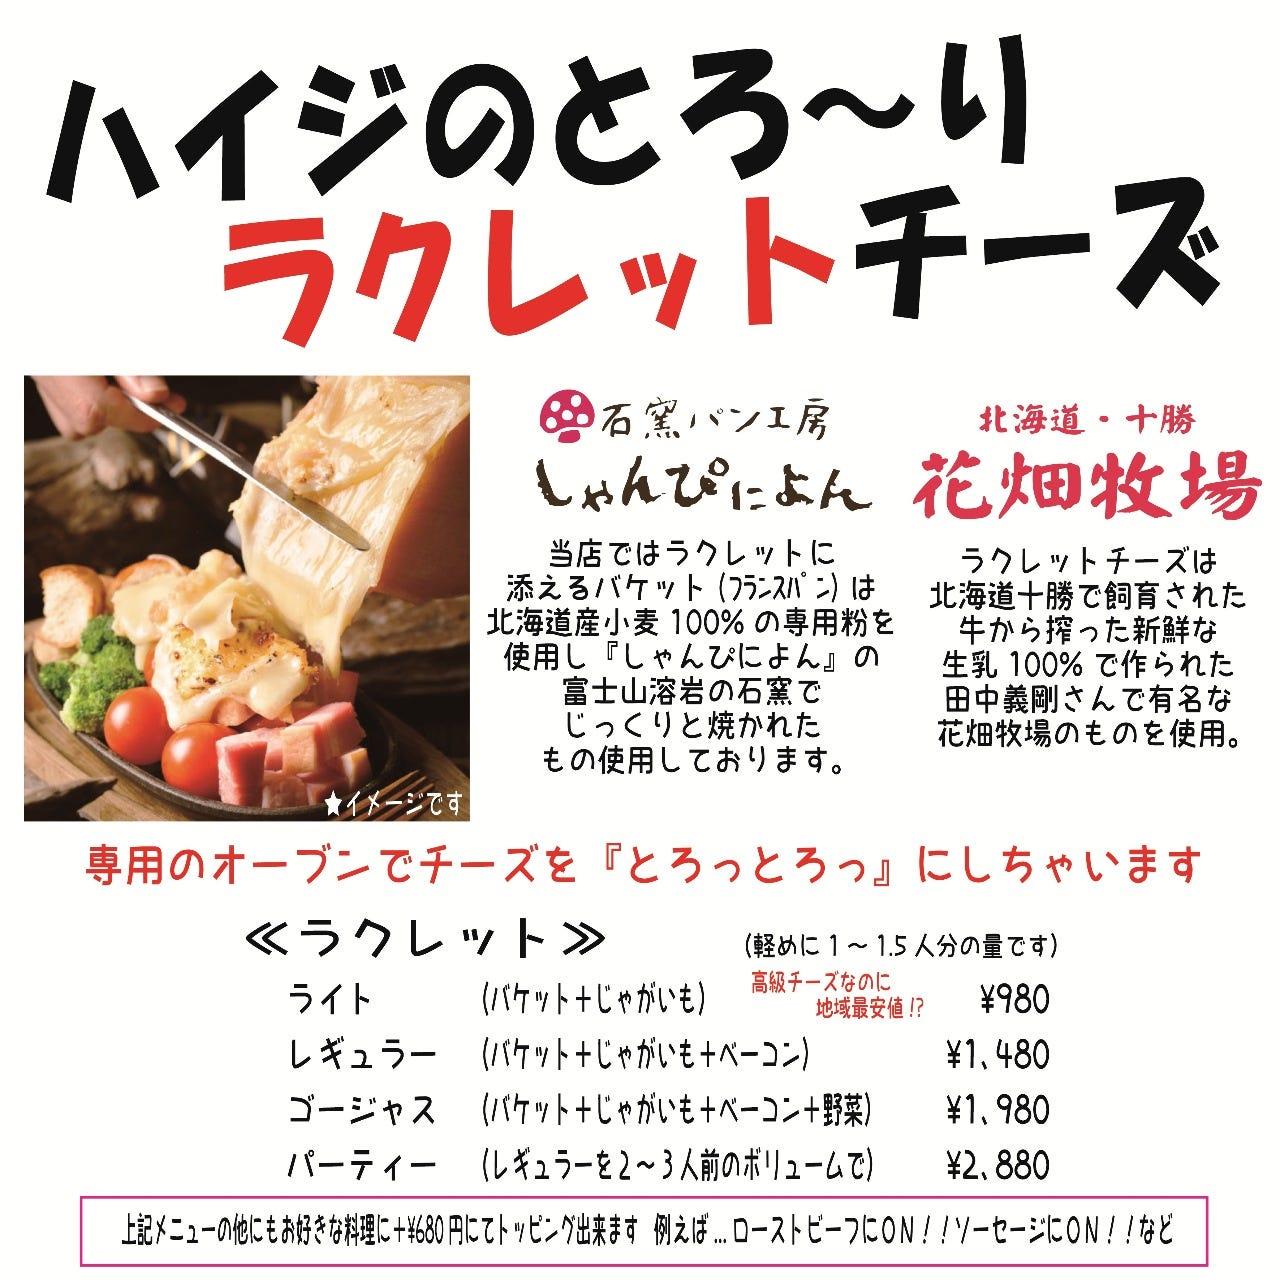 北海道の小麦のパンと北海道の生乳のチーズは最高なマリアージュ